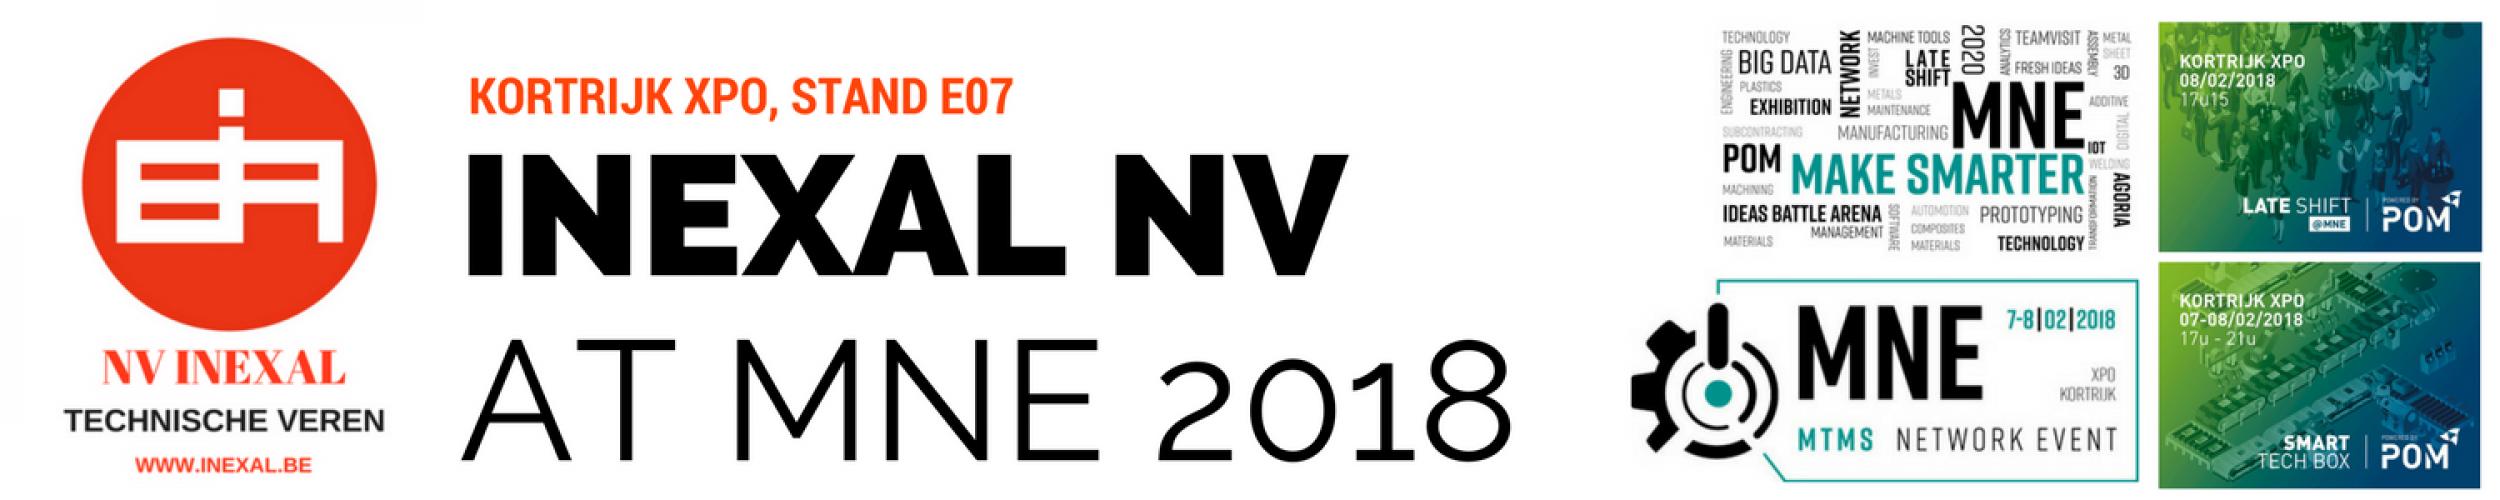 NV INEXAL OP MNE 2018